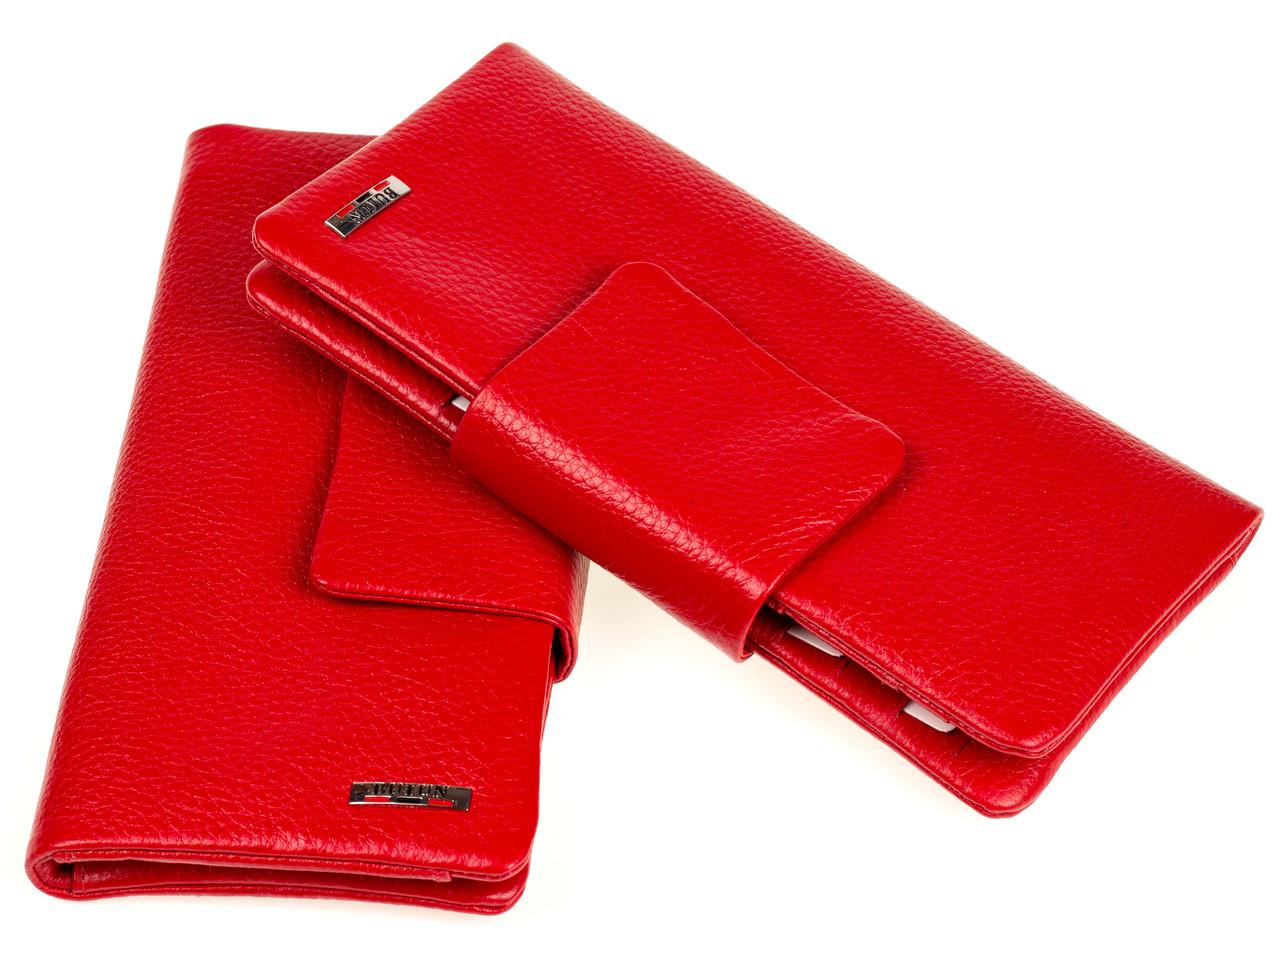 Жіночий гаманець клатч Butun 638-004-006 шкіряний червоний